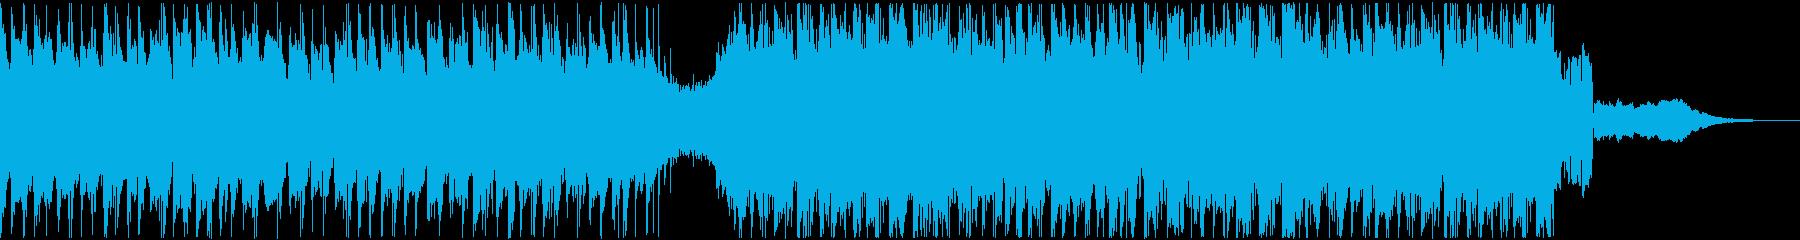 電気研究所弾力性のある運転エネルギ...の再生済みの波形